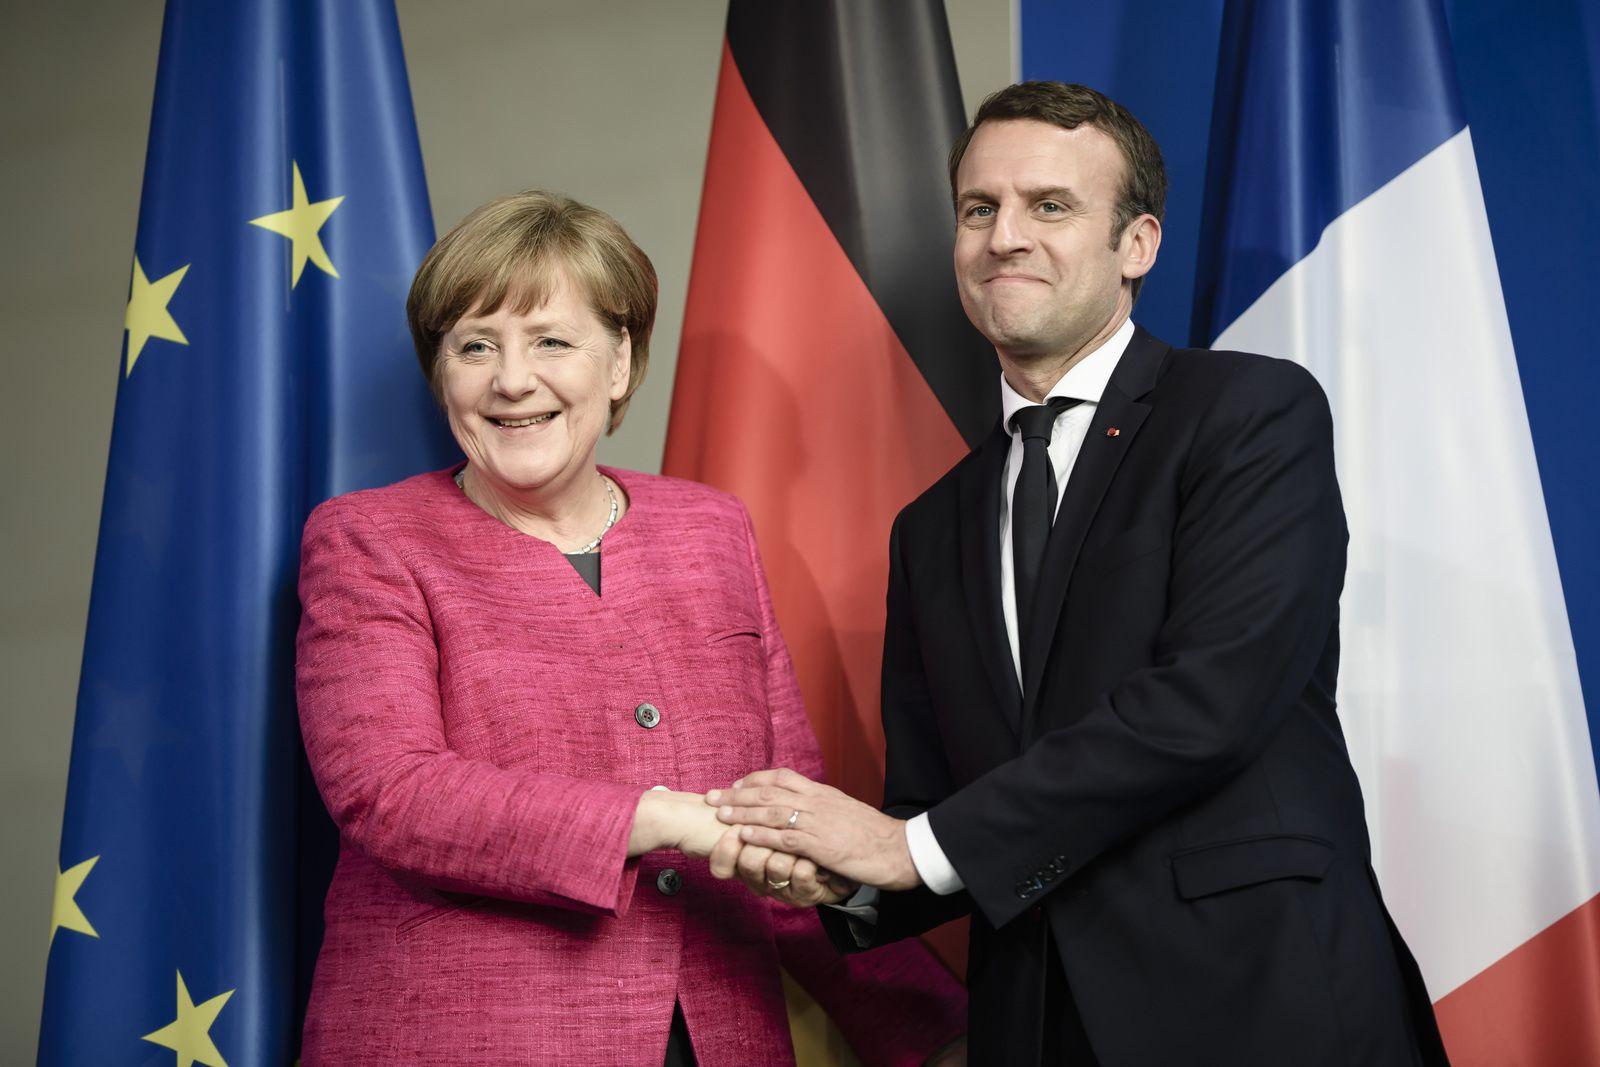 La France et l'Allemagne utilisent la sortie des États-Unis de l'accord sur le climat pour leurs intérêts géopolitiques (WSWS)